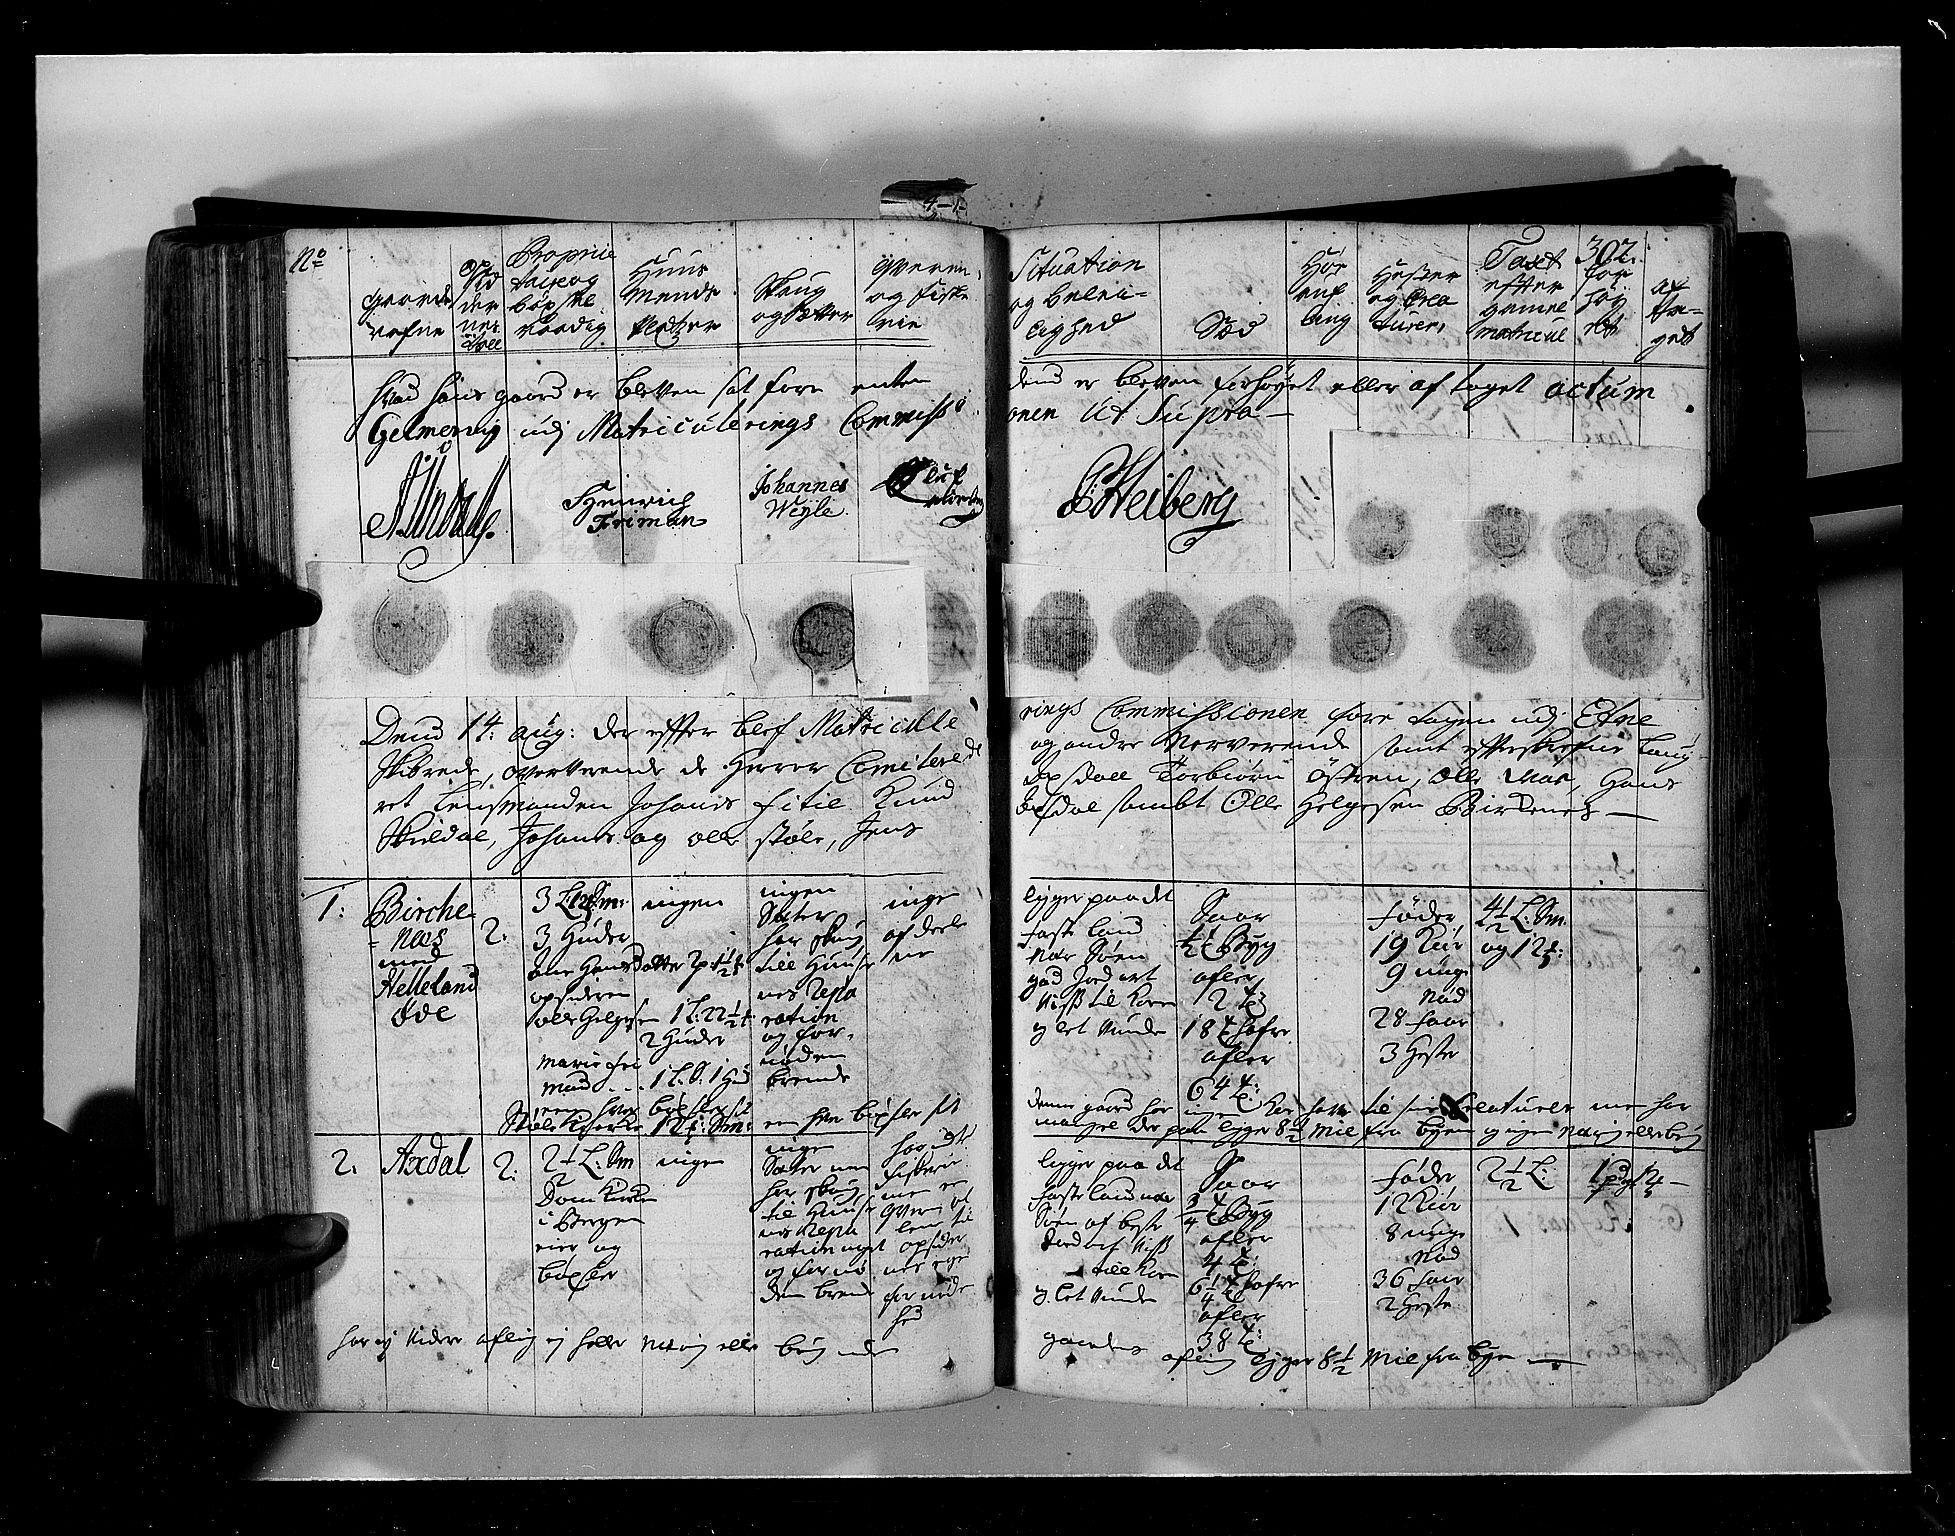 RA, Rentekammeret inntil 1814, Realistisk ordnet avdeling, N/Nb/Nbf/L0134: Sunnhordland eksaminasjonsprotokoll, 1723, s. 301b-302a